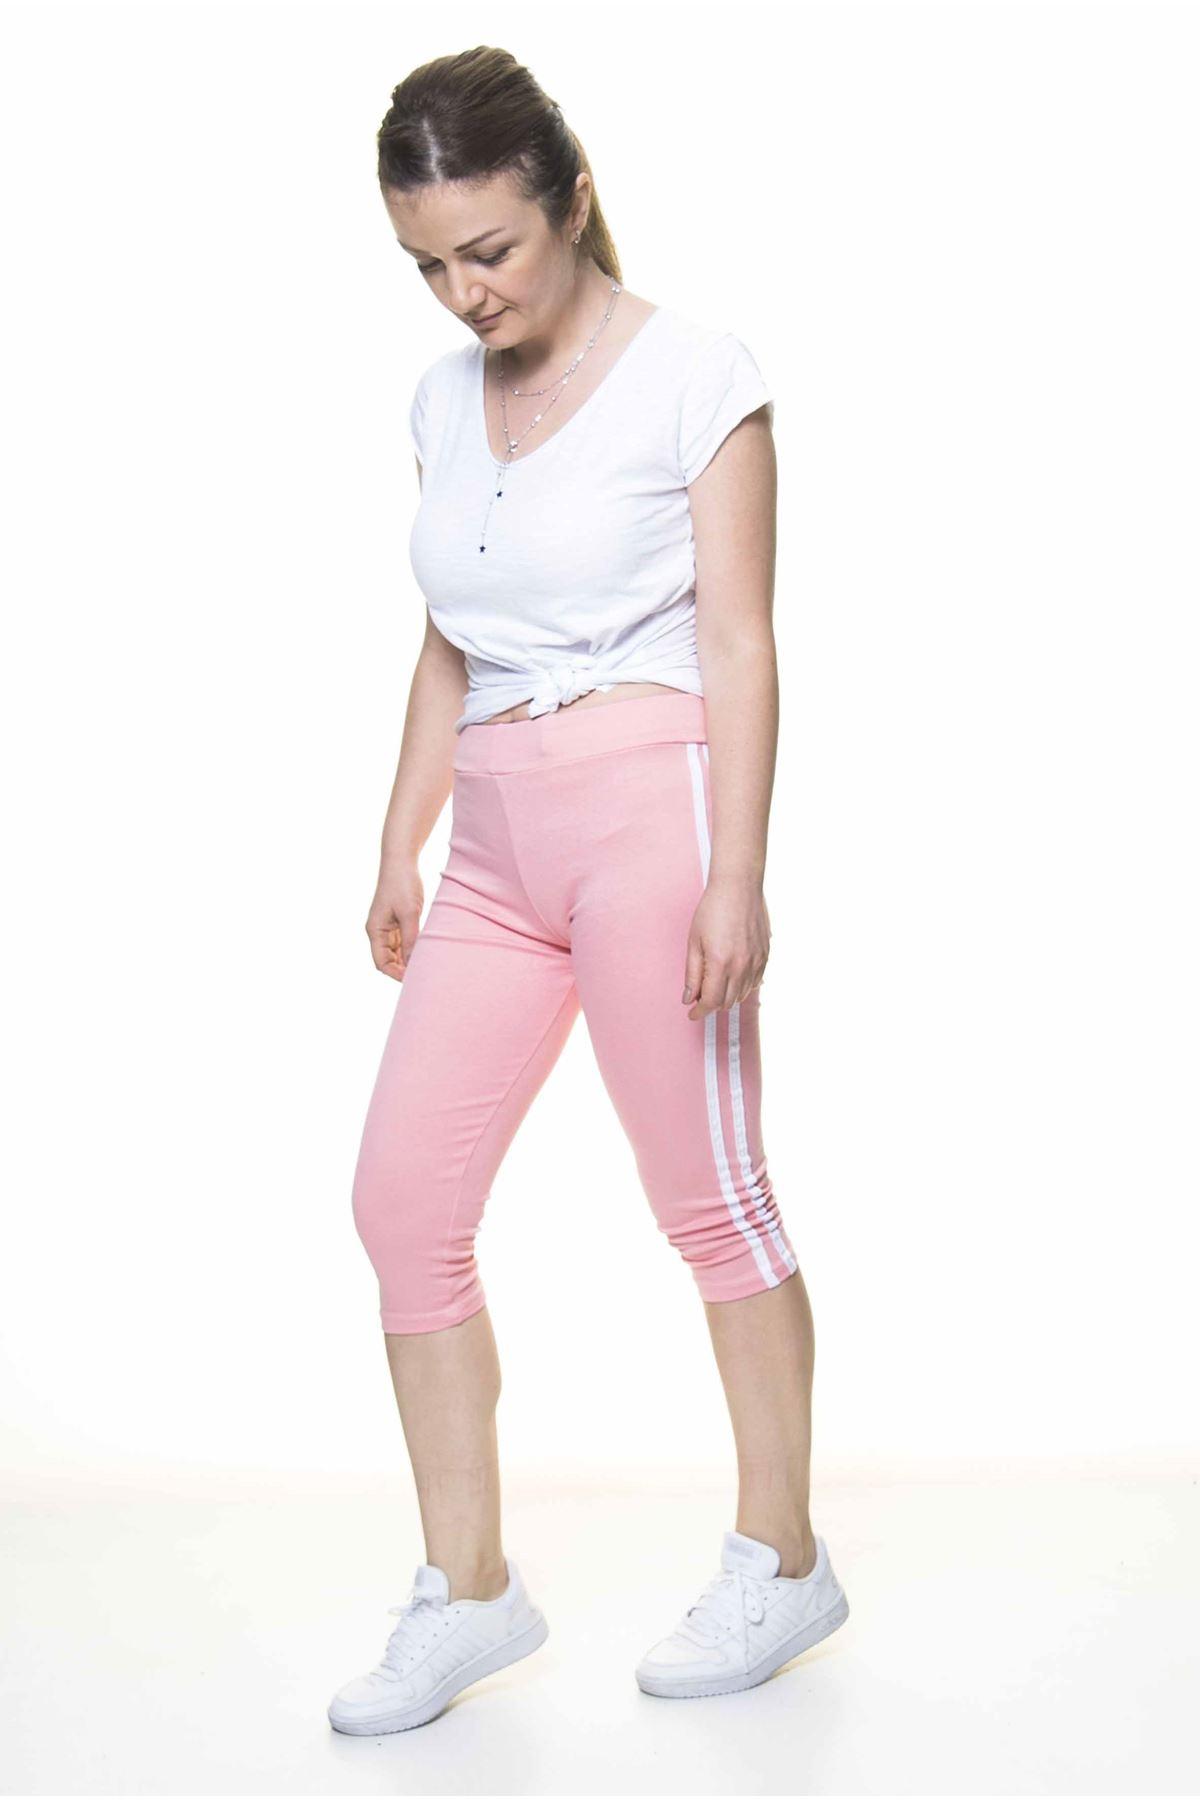 Kadın Spor Çizgili Açık Pembe Kapri Tayt 11C-4018